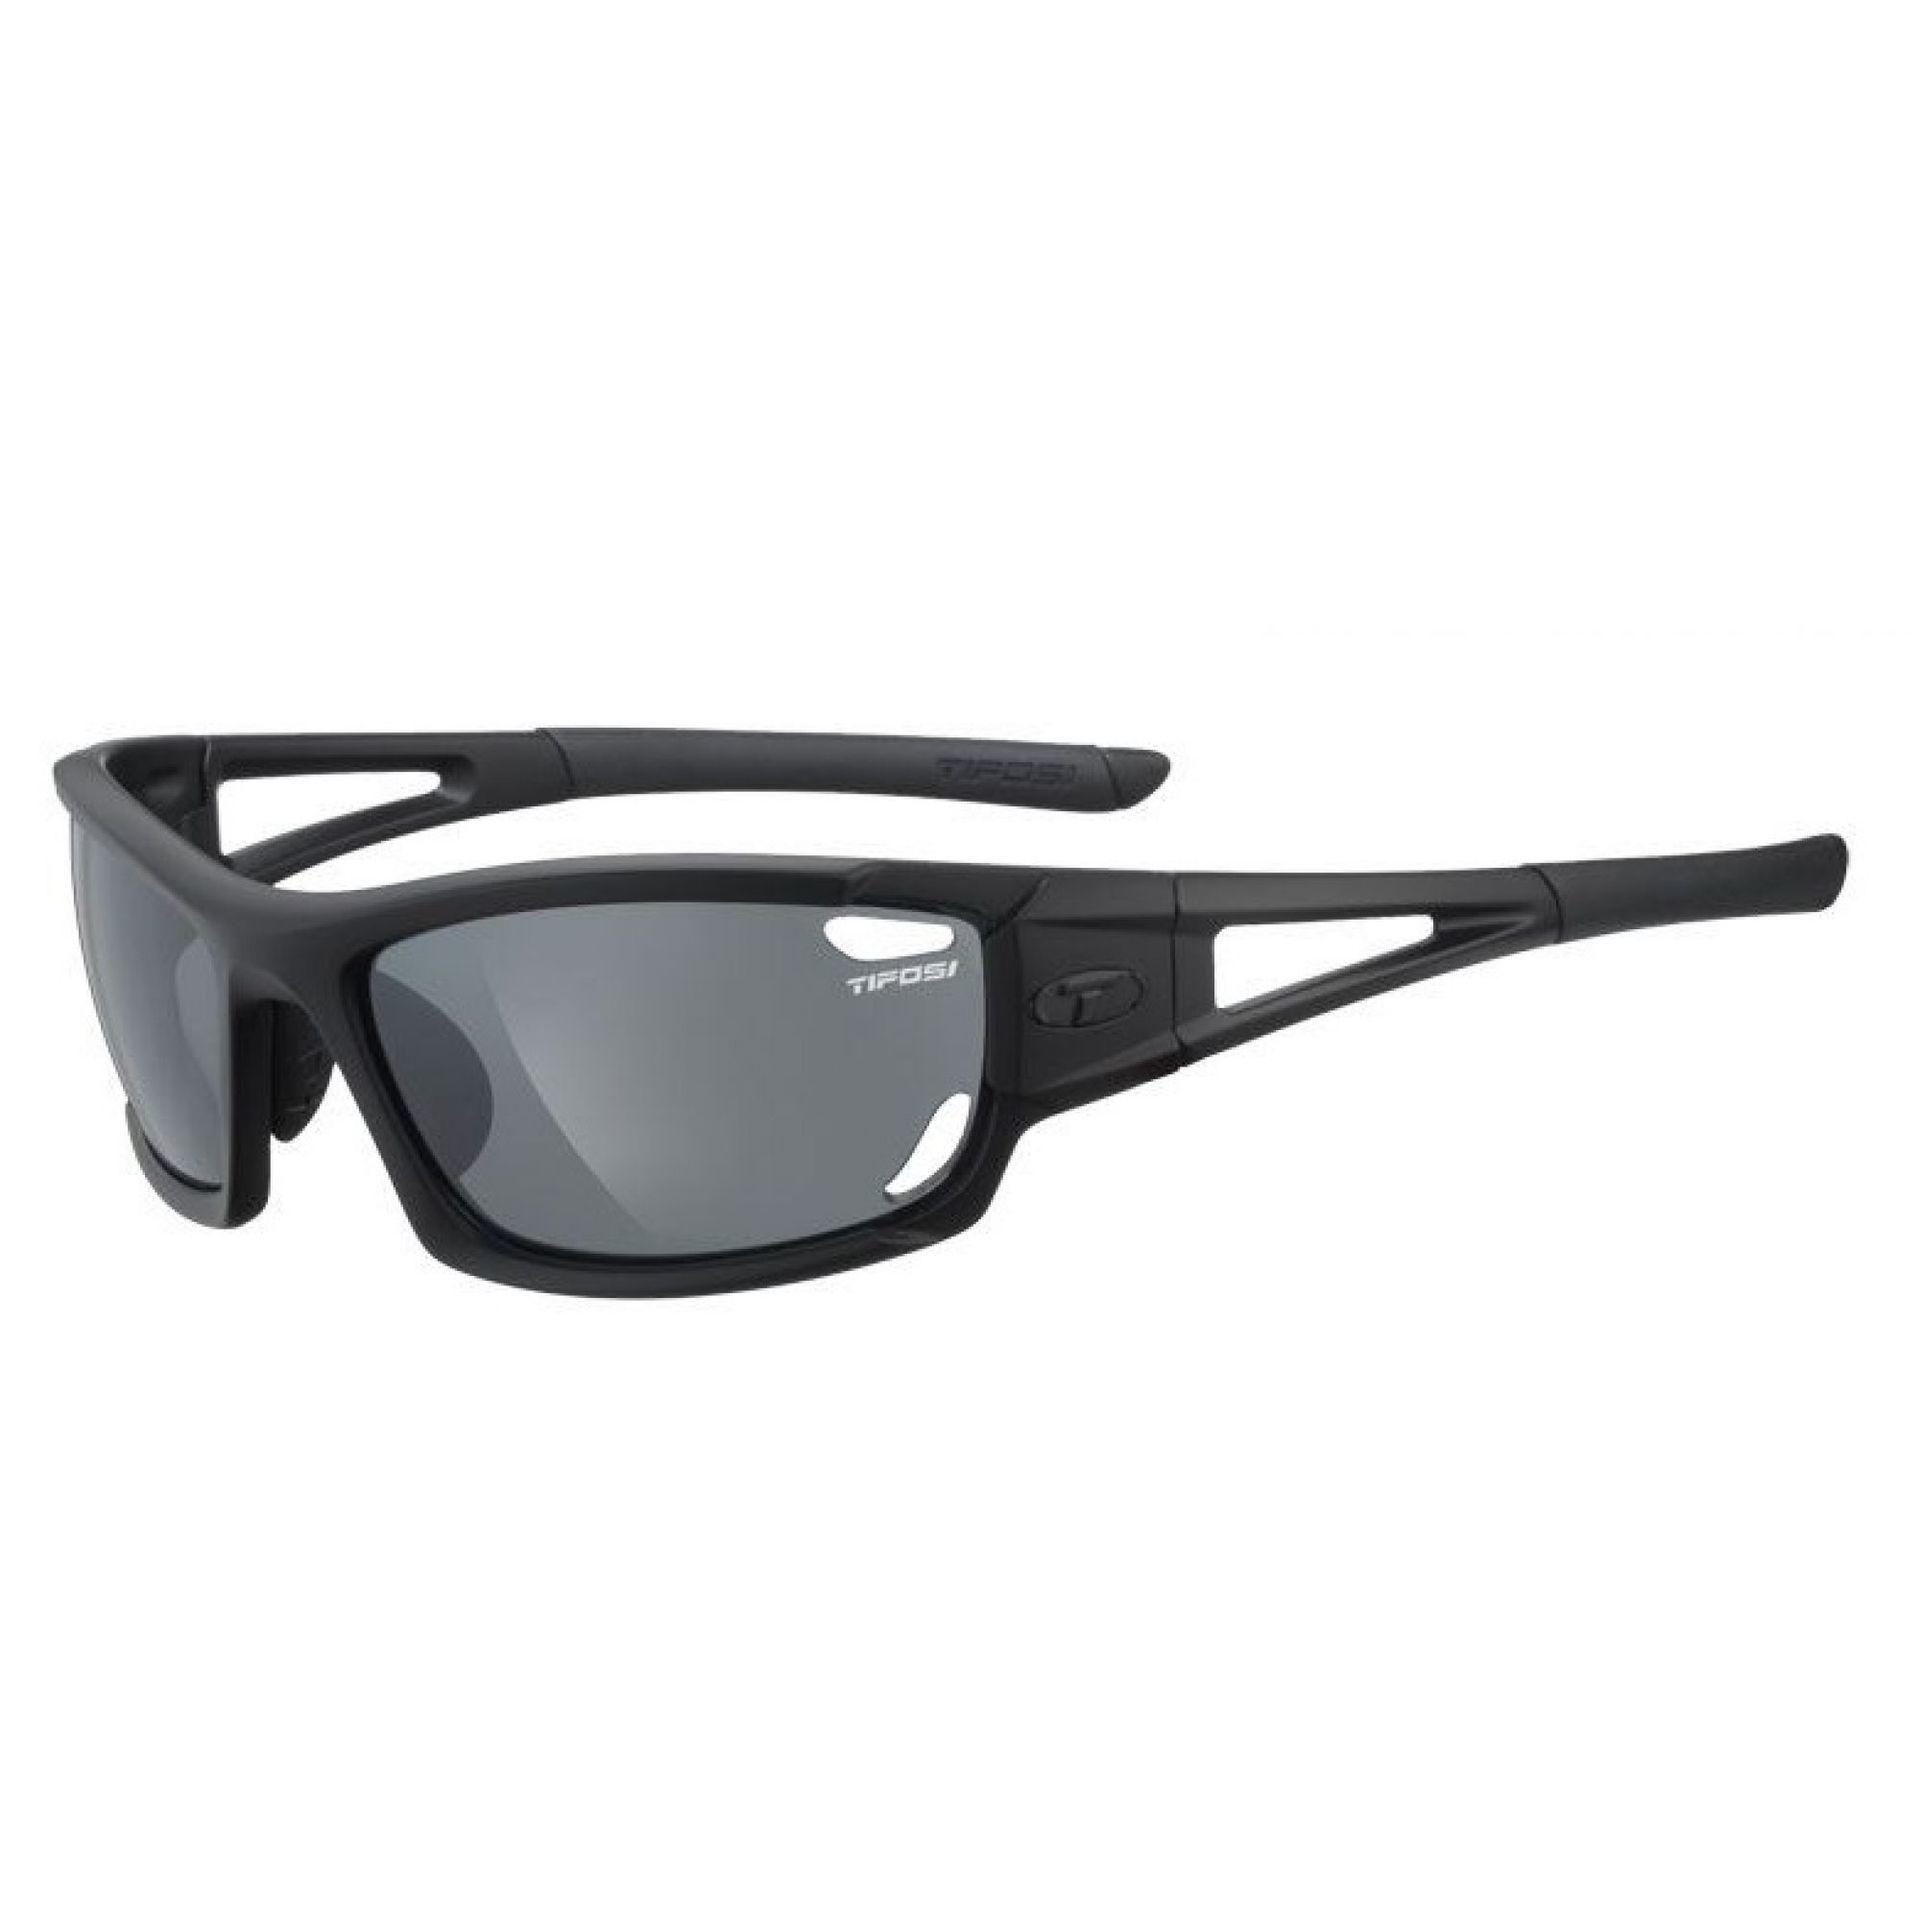 Okulary Tifosi Dolomite 2.0 matte black